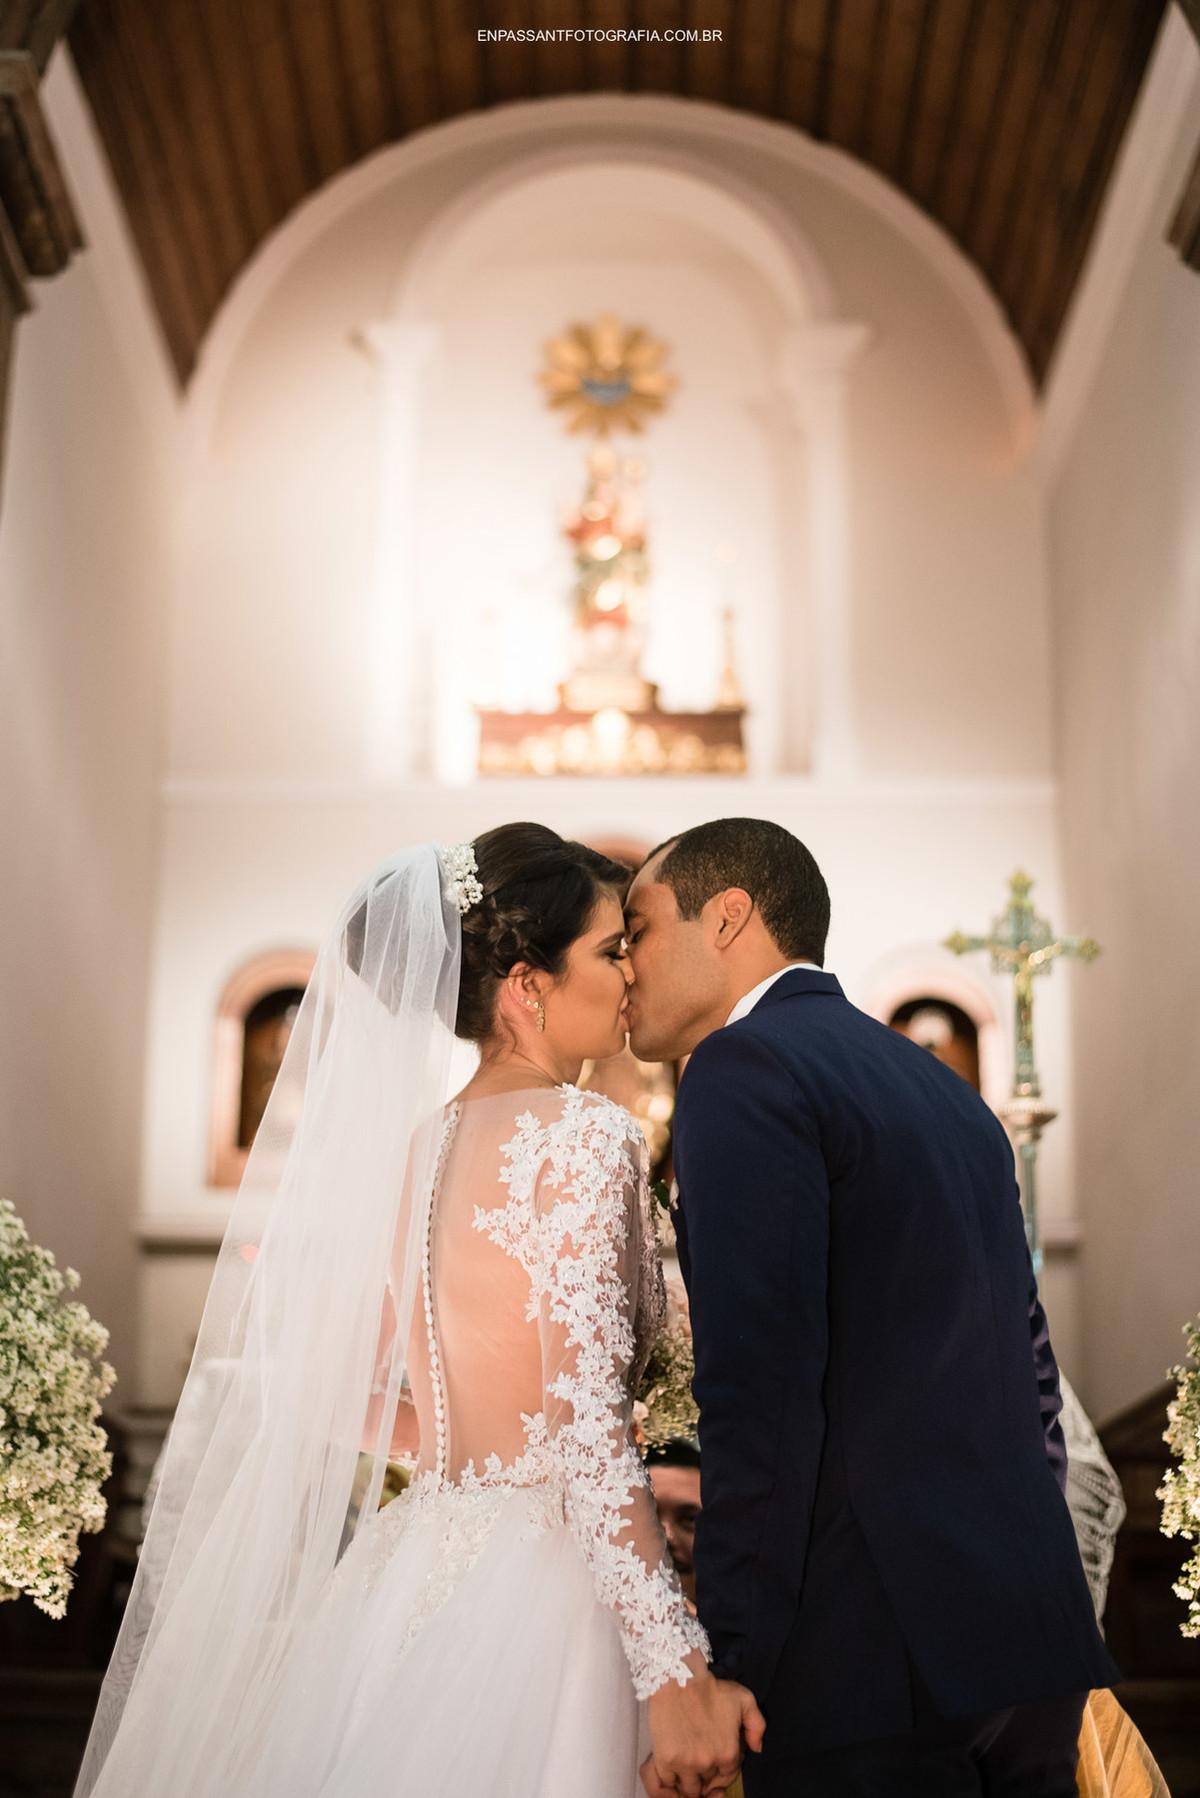 beijo do casal de noivos